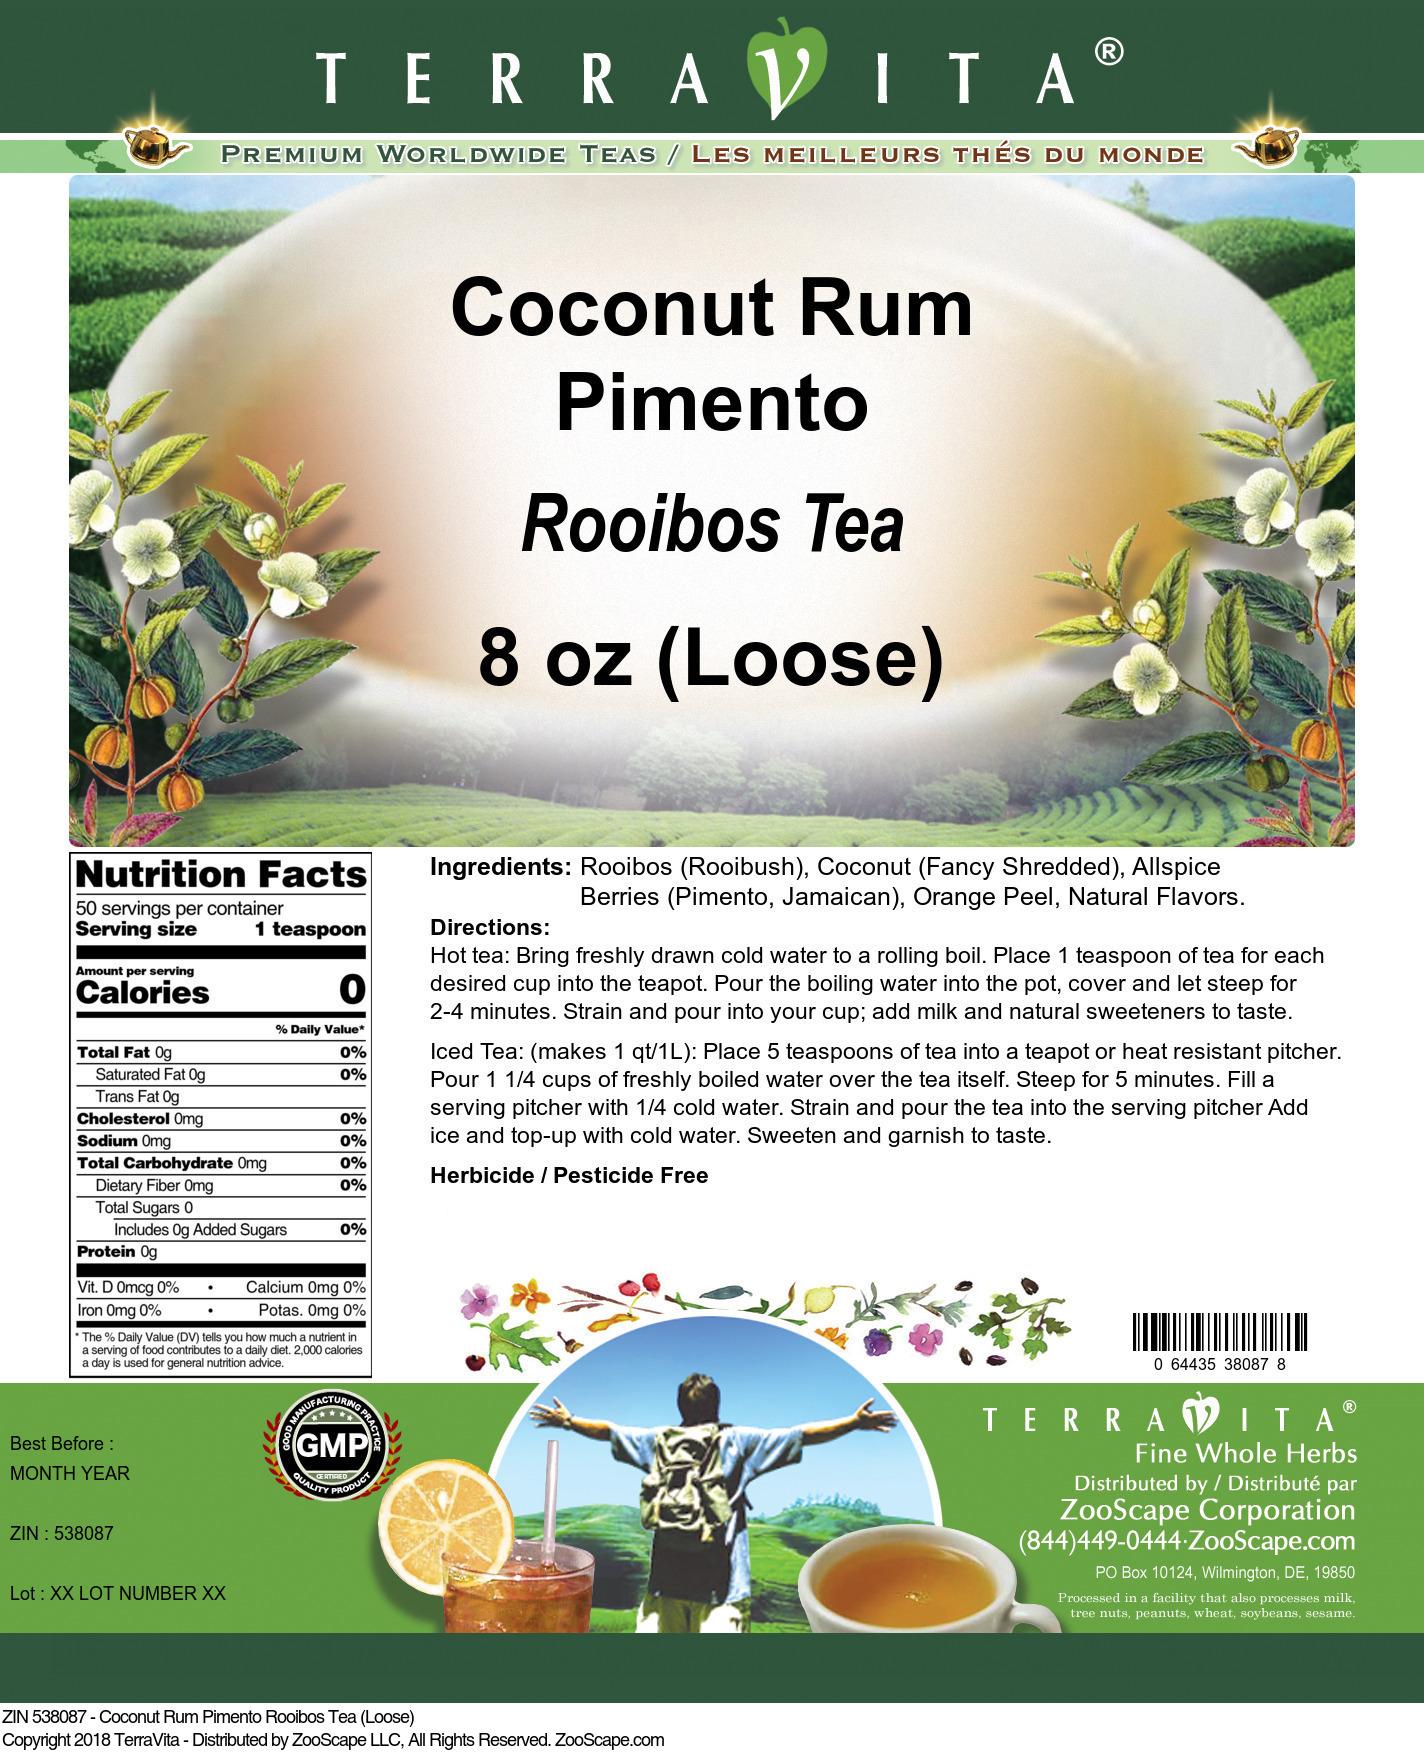 Coconut Rum Pimento Rooibos Tea (Loose)